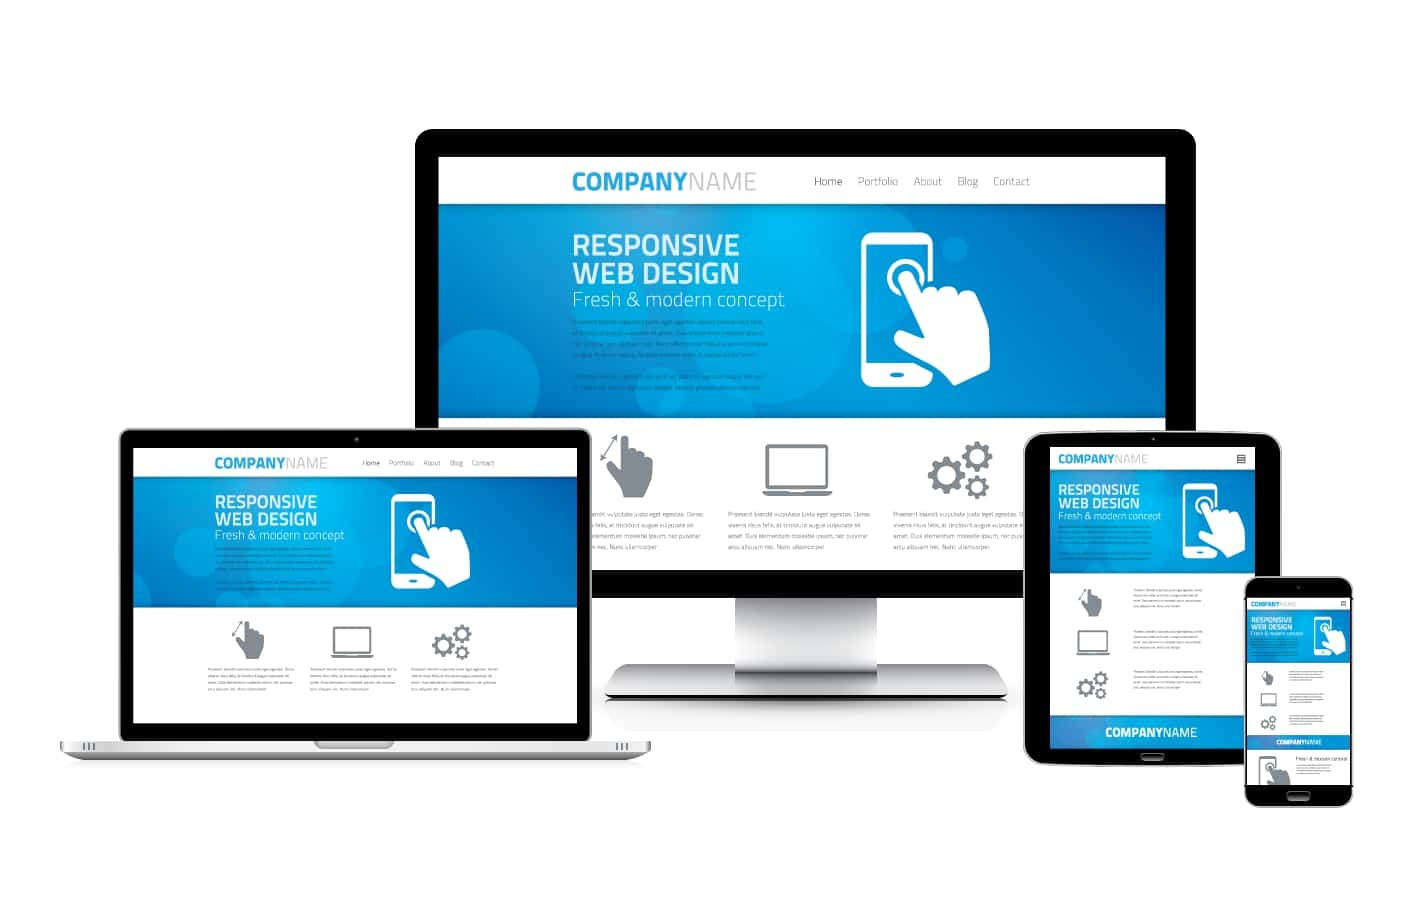 Mobile SEO: Configurare il sito web per i dispositivi mobili - SEO Mobile